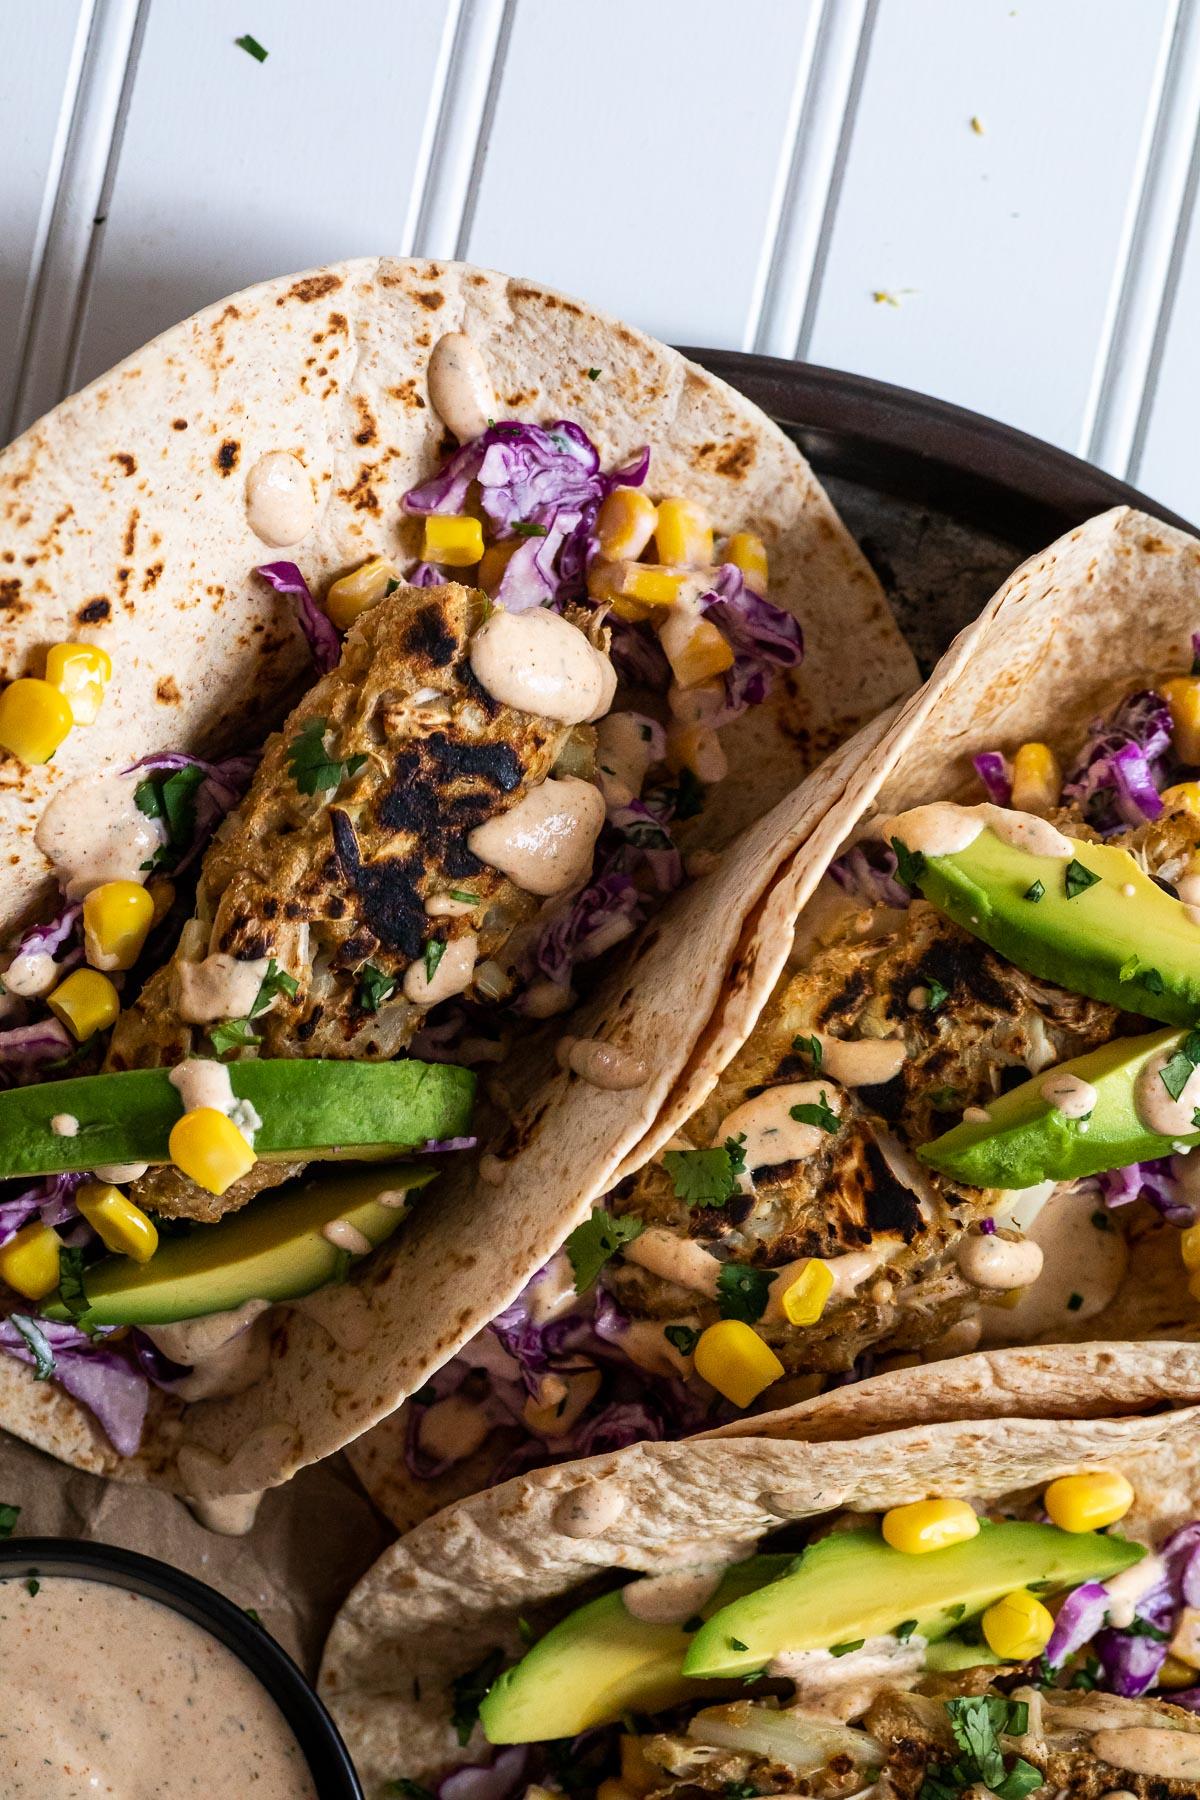 Vegane Fisch-Tacos werden auf einer Platte mit einer Min-Schüssel mit Sauce und einer halben Avocado im Rücken serviert.